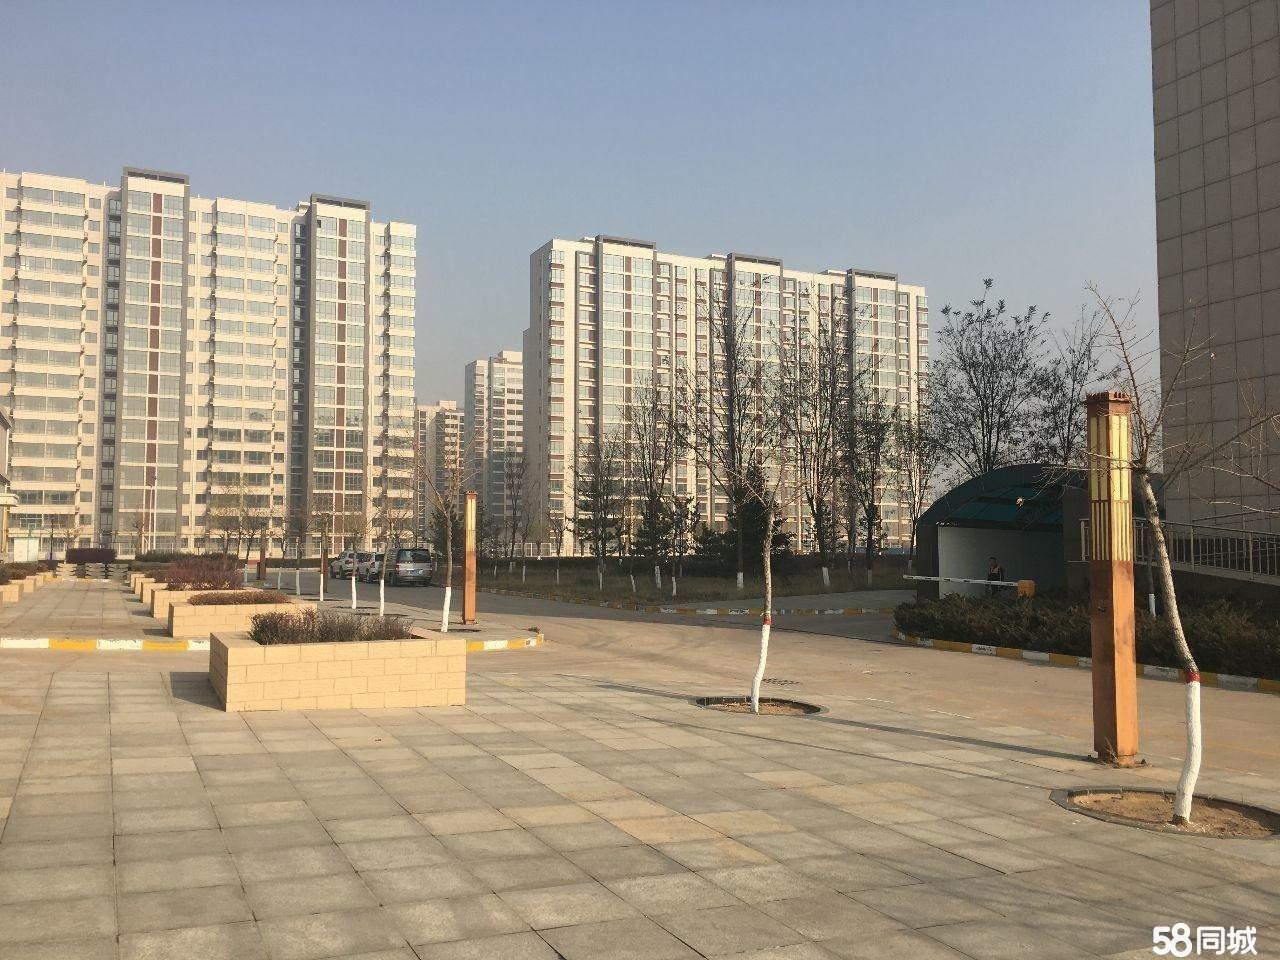 城区神木新村红柠小区2室2厅1卫104.96平米